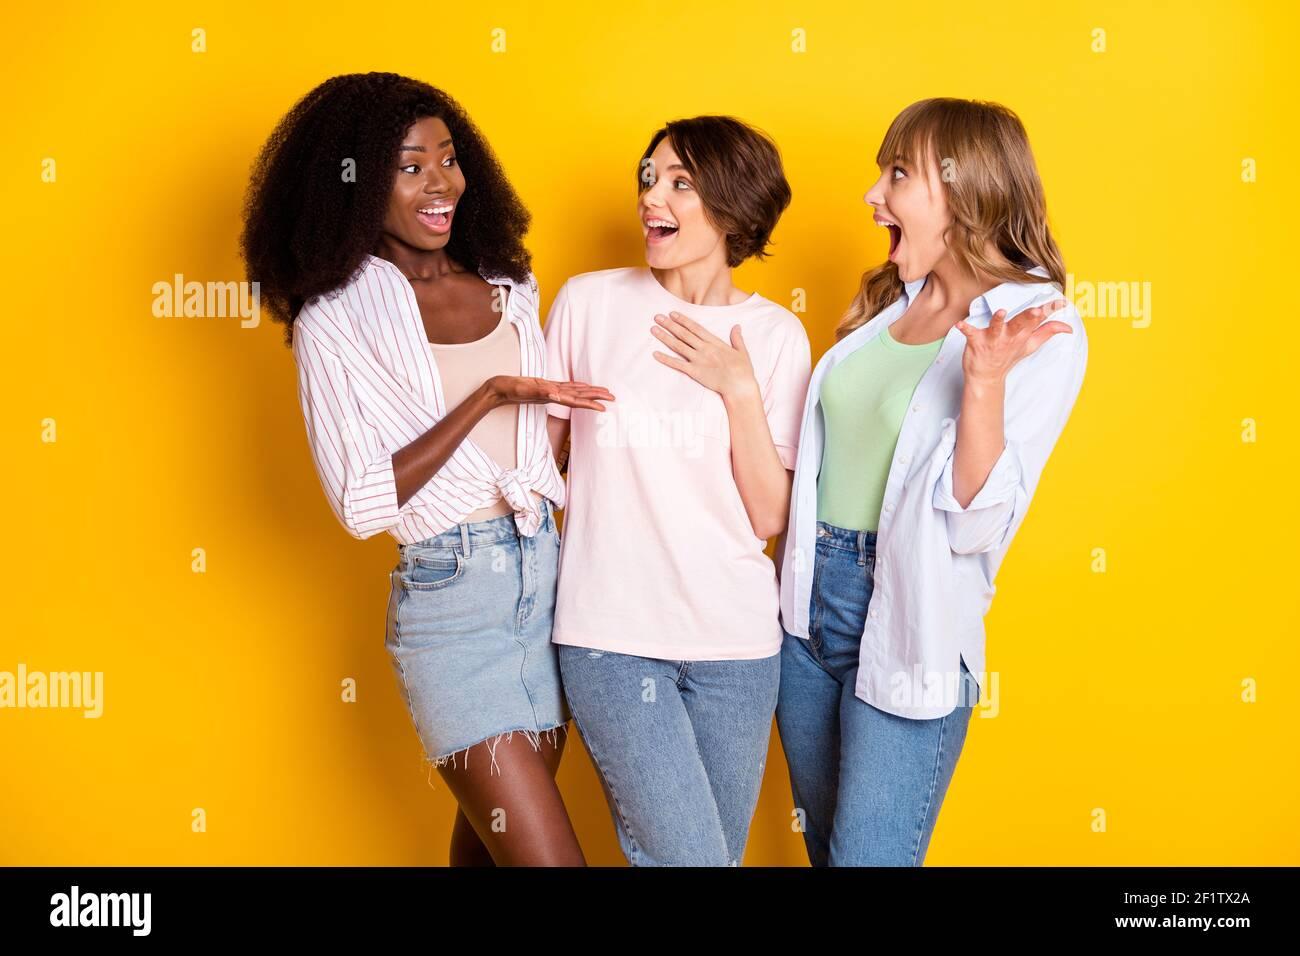 Portrait von drei attraktiven fröhlichen Mädchen reden Spaß Klatschen Umarmung isoliert über hellen gelben Hintergrund Stockfoto